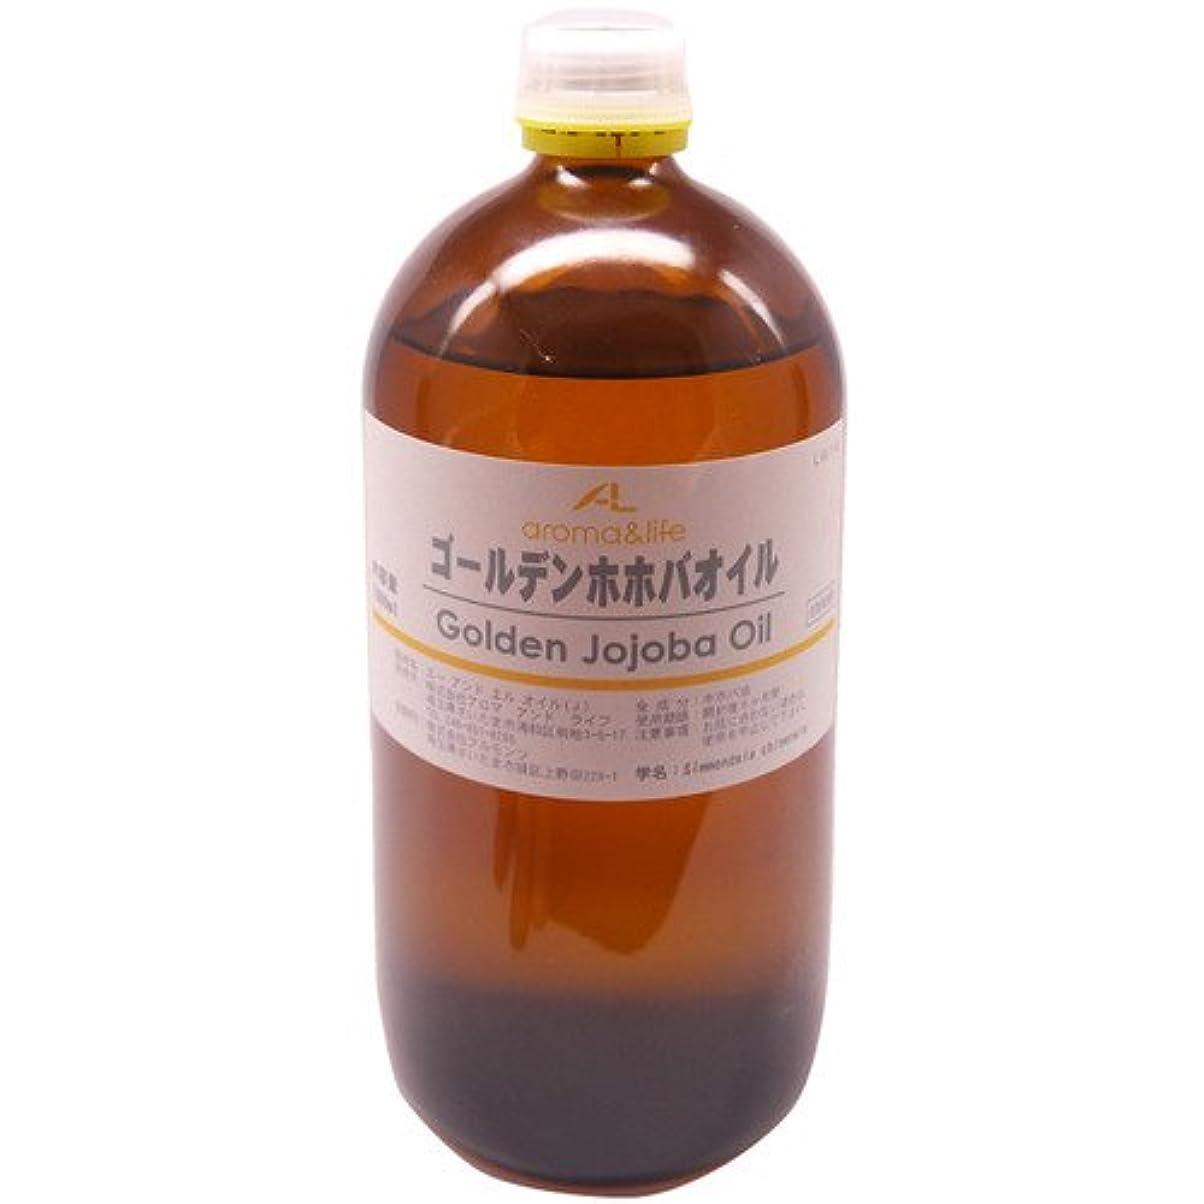 中性出発する毒液アロマアンドライフ 業務用ホホバオイル(ゴールデン)